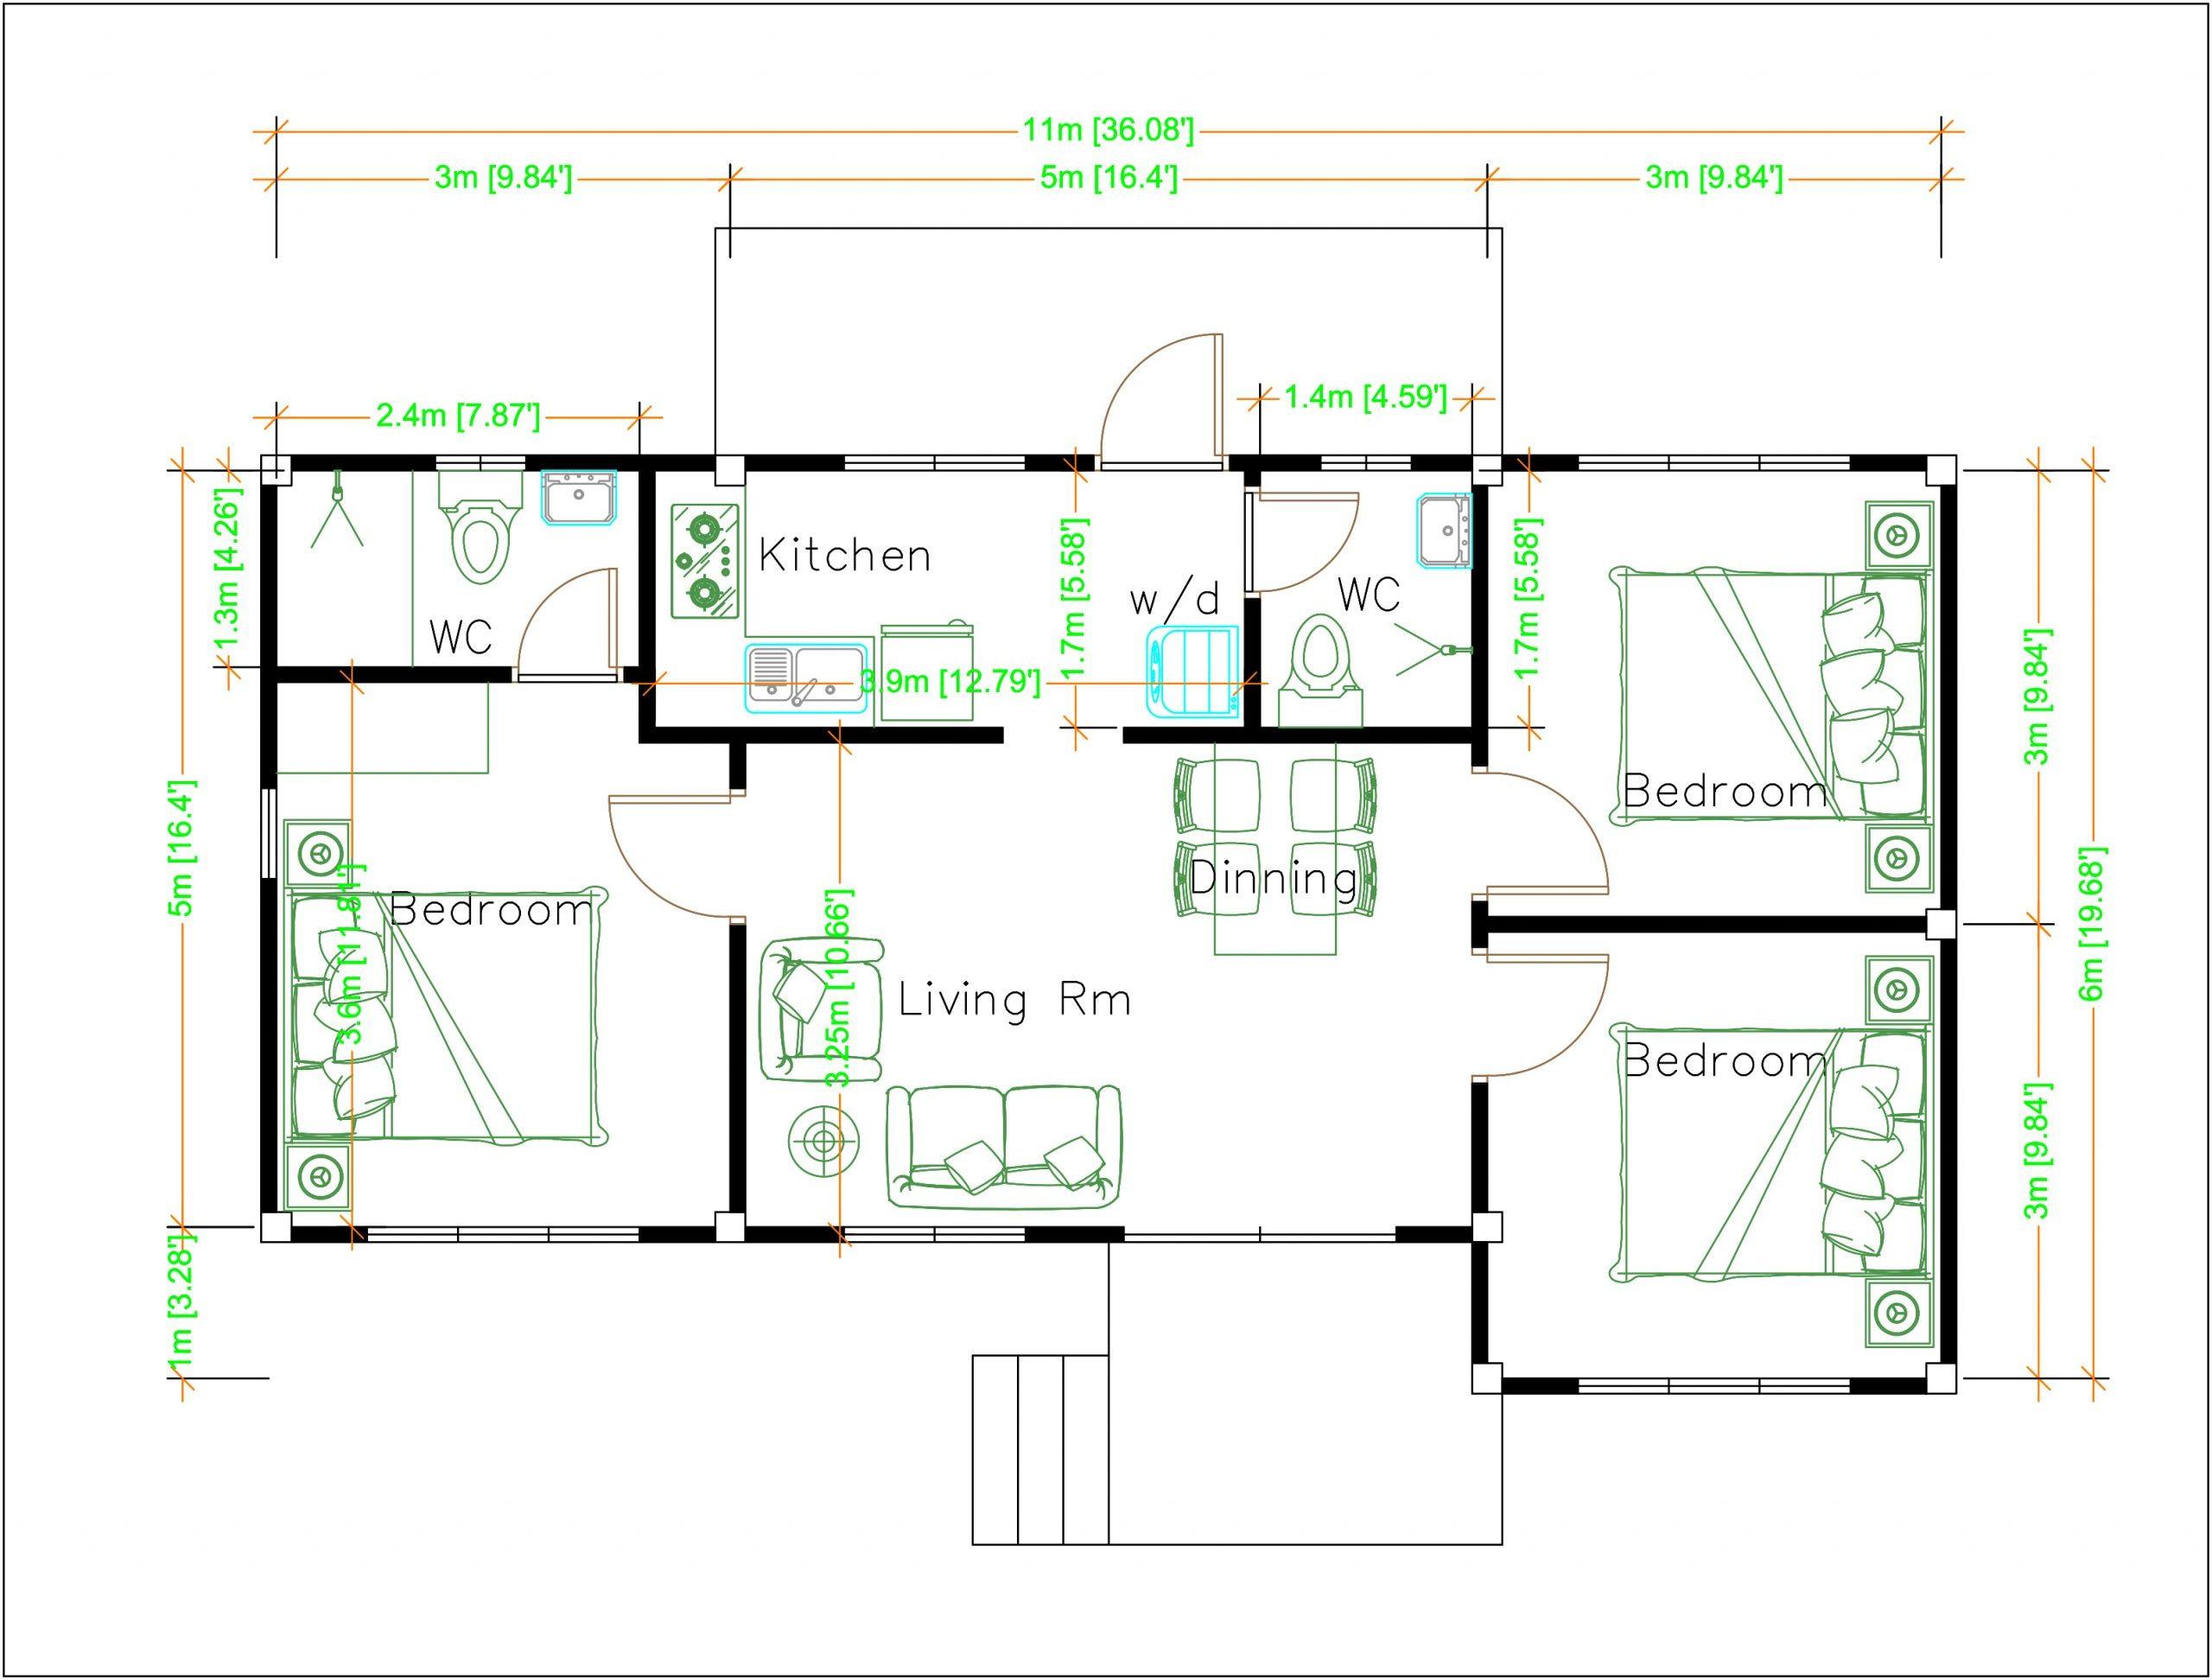 Floor Plan Design 11x6 Meters 36x20 Feet 3 Beds Layout floor plan